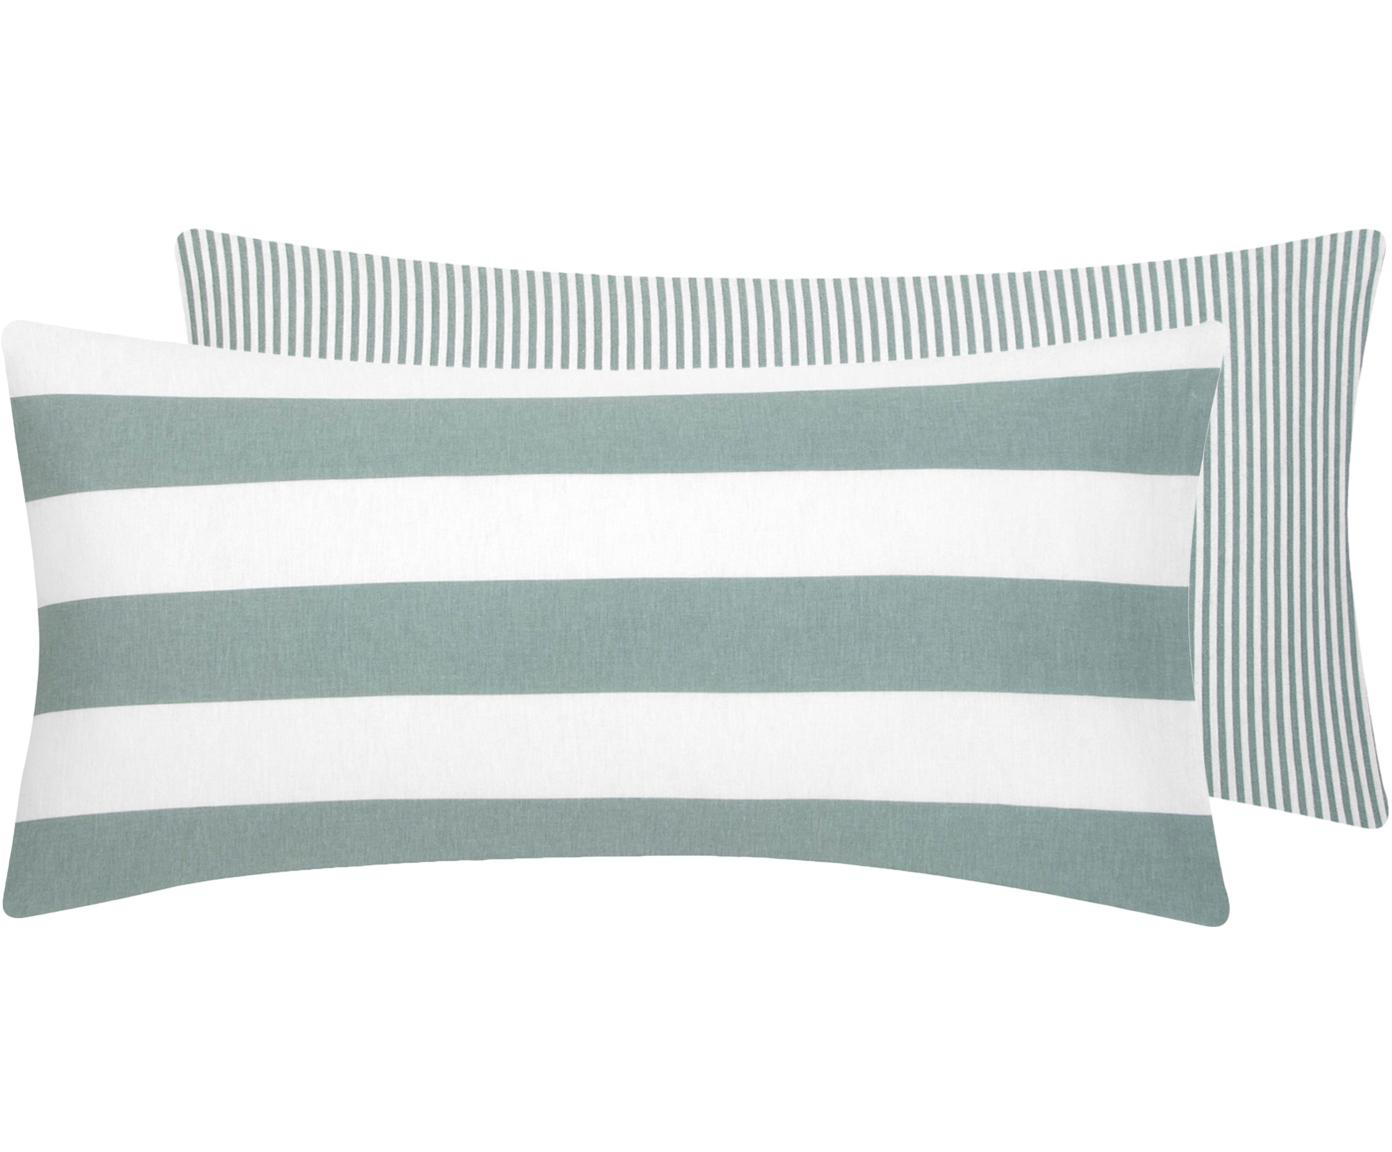 Flanell-Wendekissenbezüge Dora, gestreift, 2 Stück, Webart: Flanell Flanell ist ein s, Weiß, Salbeigrün, 40 x 80 cm